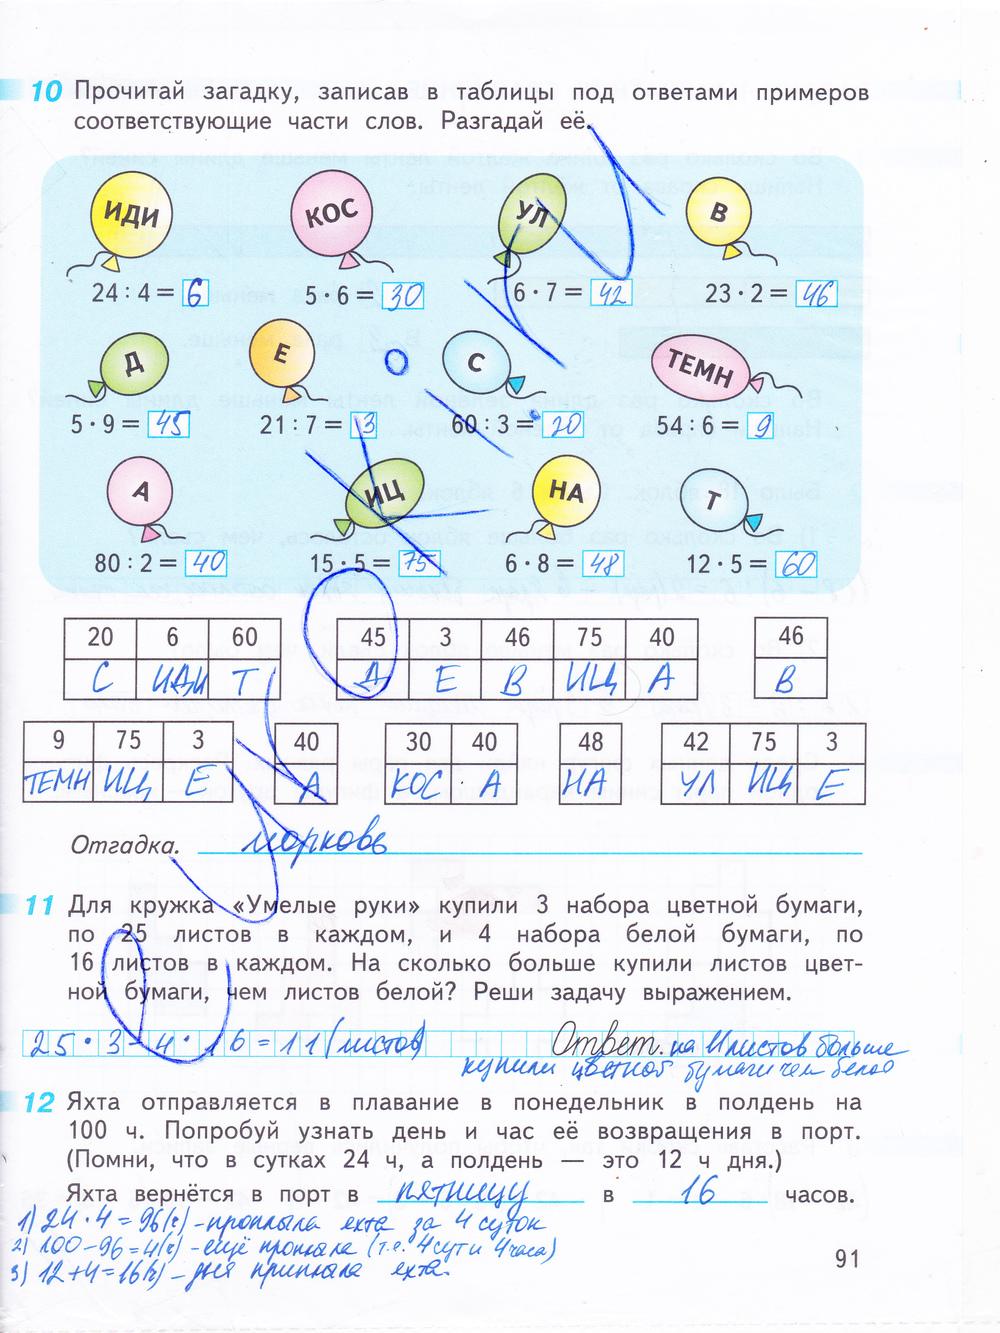 Гдз математика рт дорофеева 1 класс